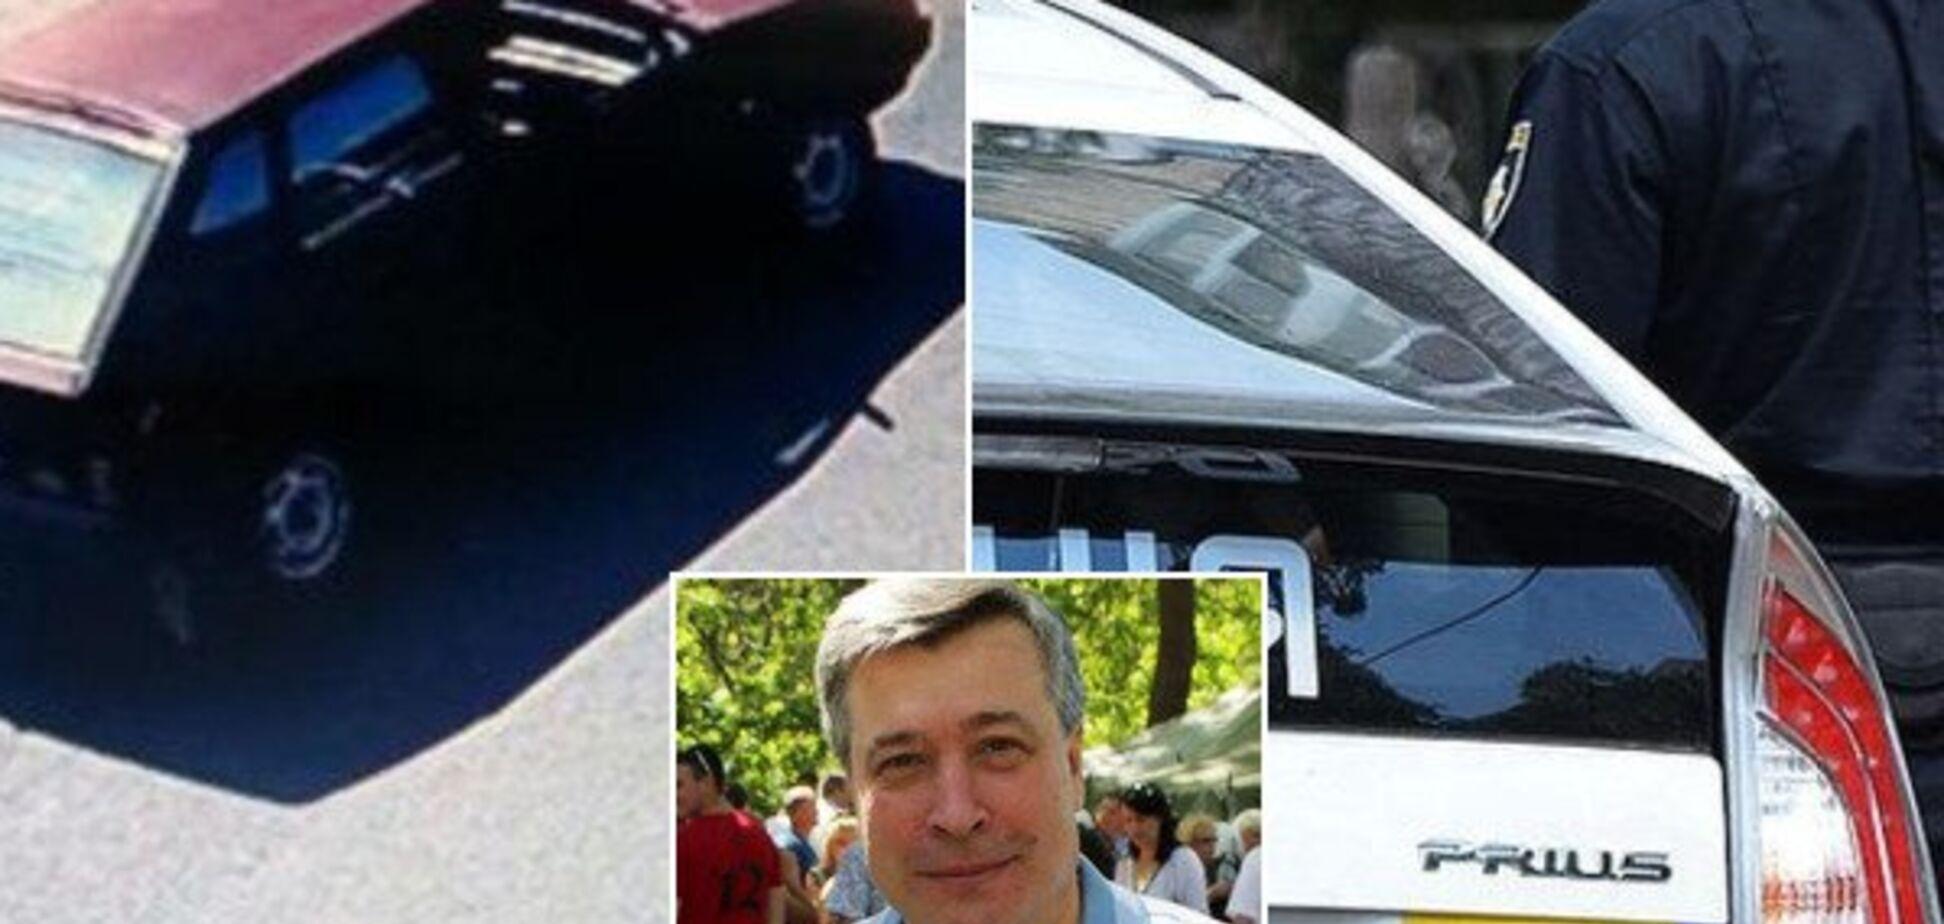 Розстріл адвоката в Кропивницькому: з'явилися суперечливі дані про авто зловмисників